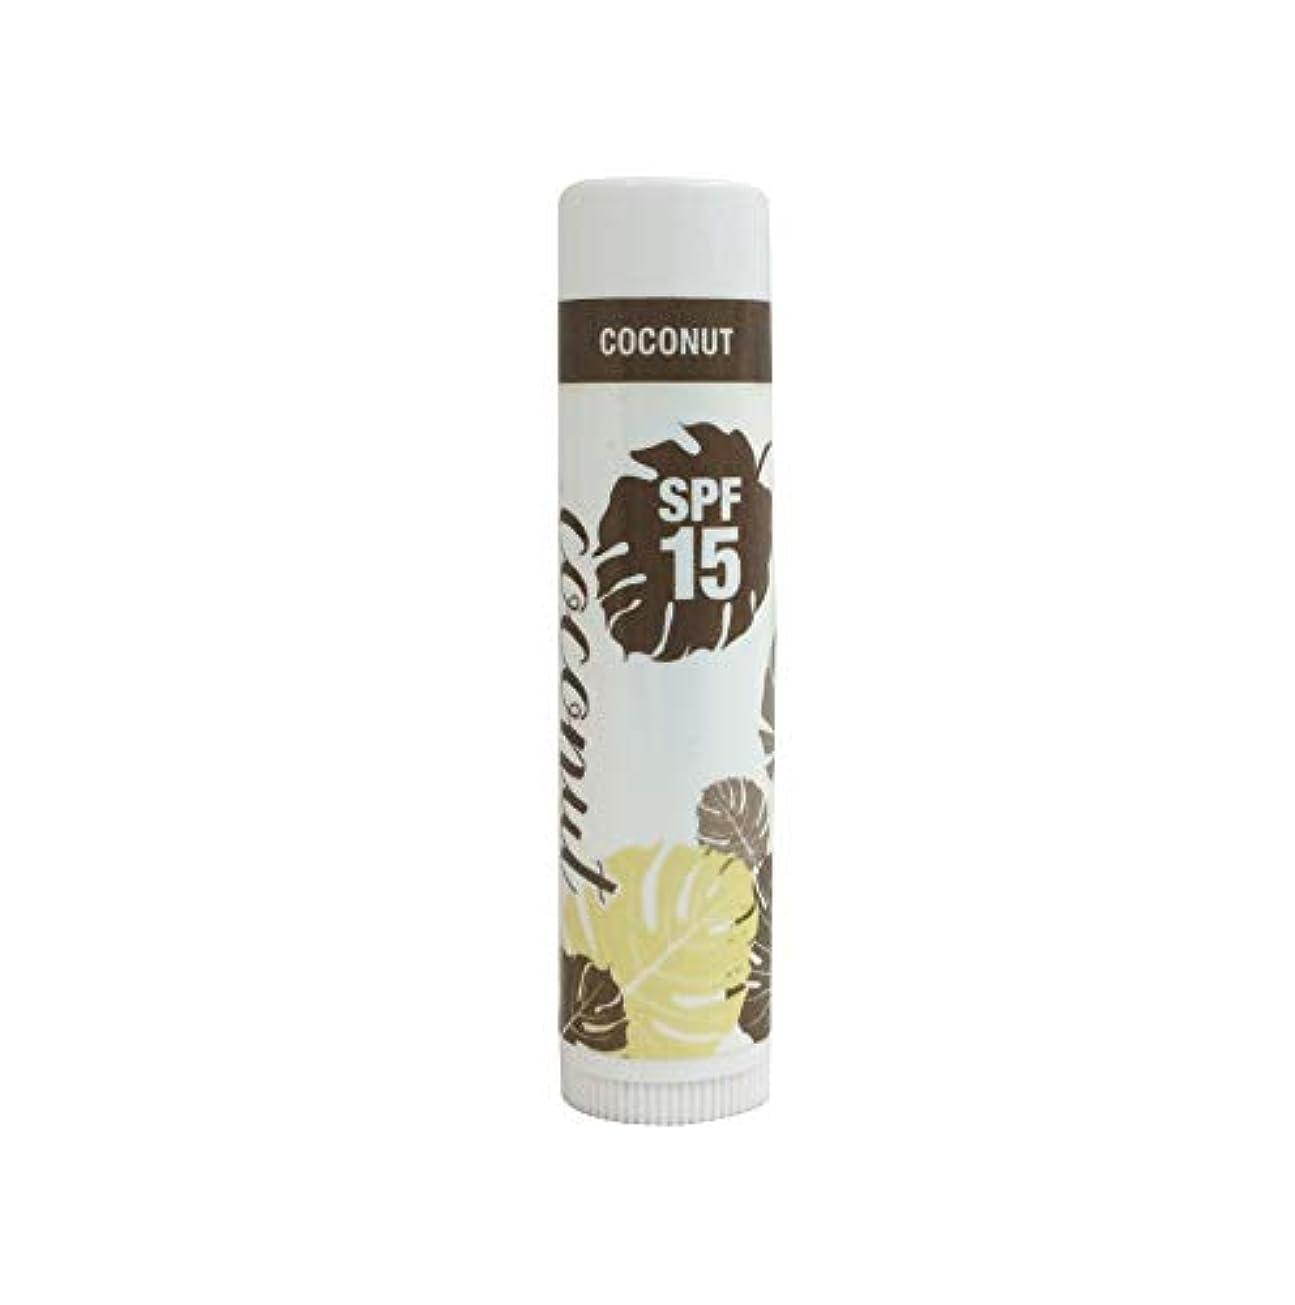 バラエティ借りる悪質なリップバーム SPF15 4.8g ココナッツ